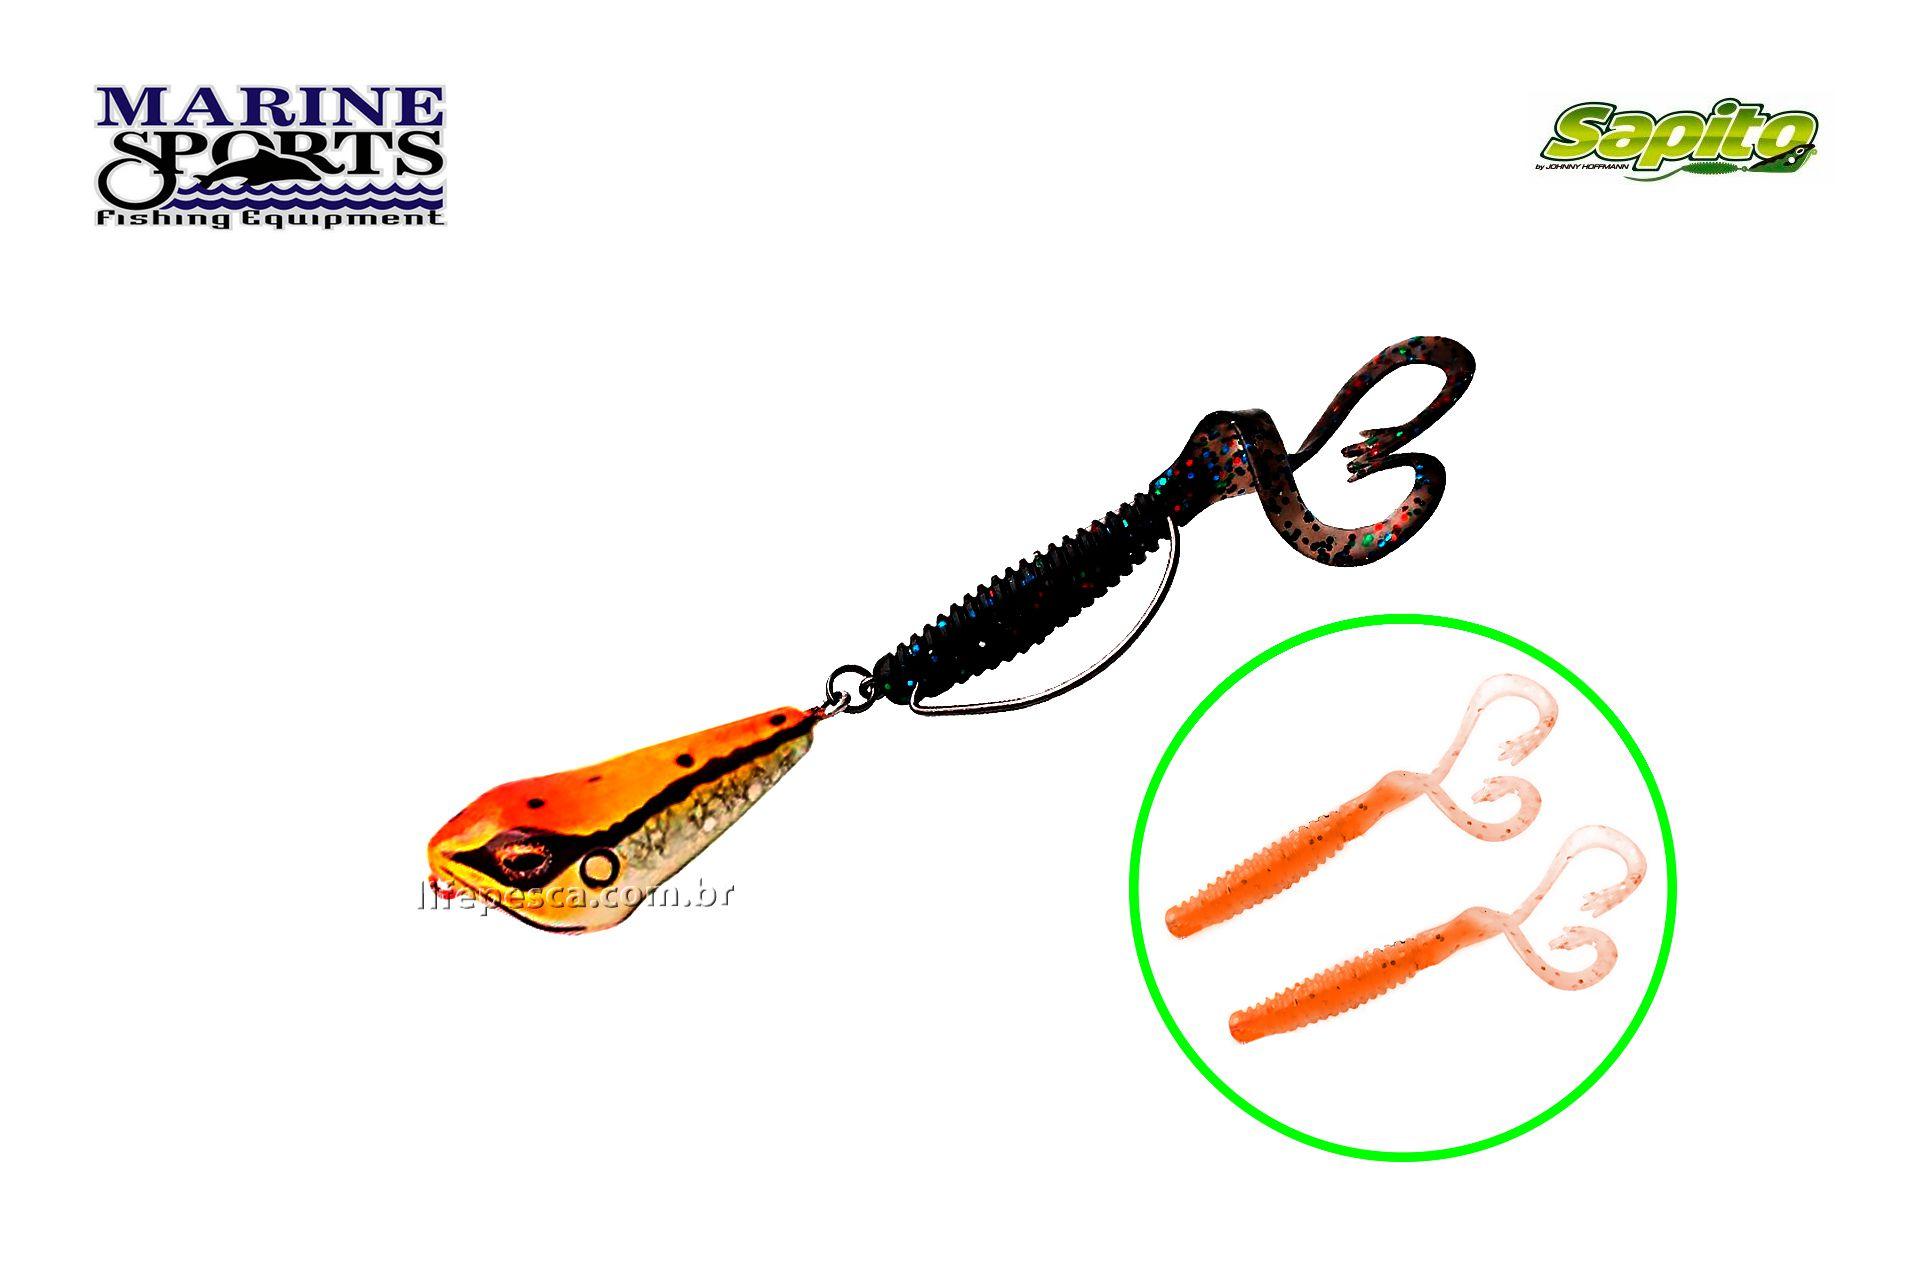 Isca Artificial Marine Sports Sapito SP-50 (9g) - Várias Cores  - Life Pesca - Sua loja de Pesca, Camping e Lazer